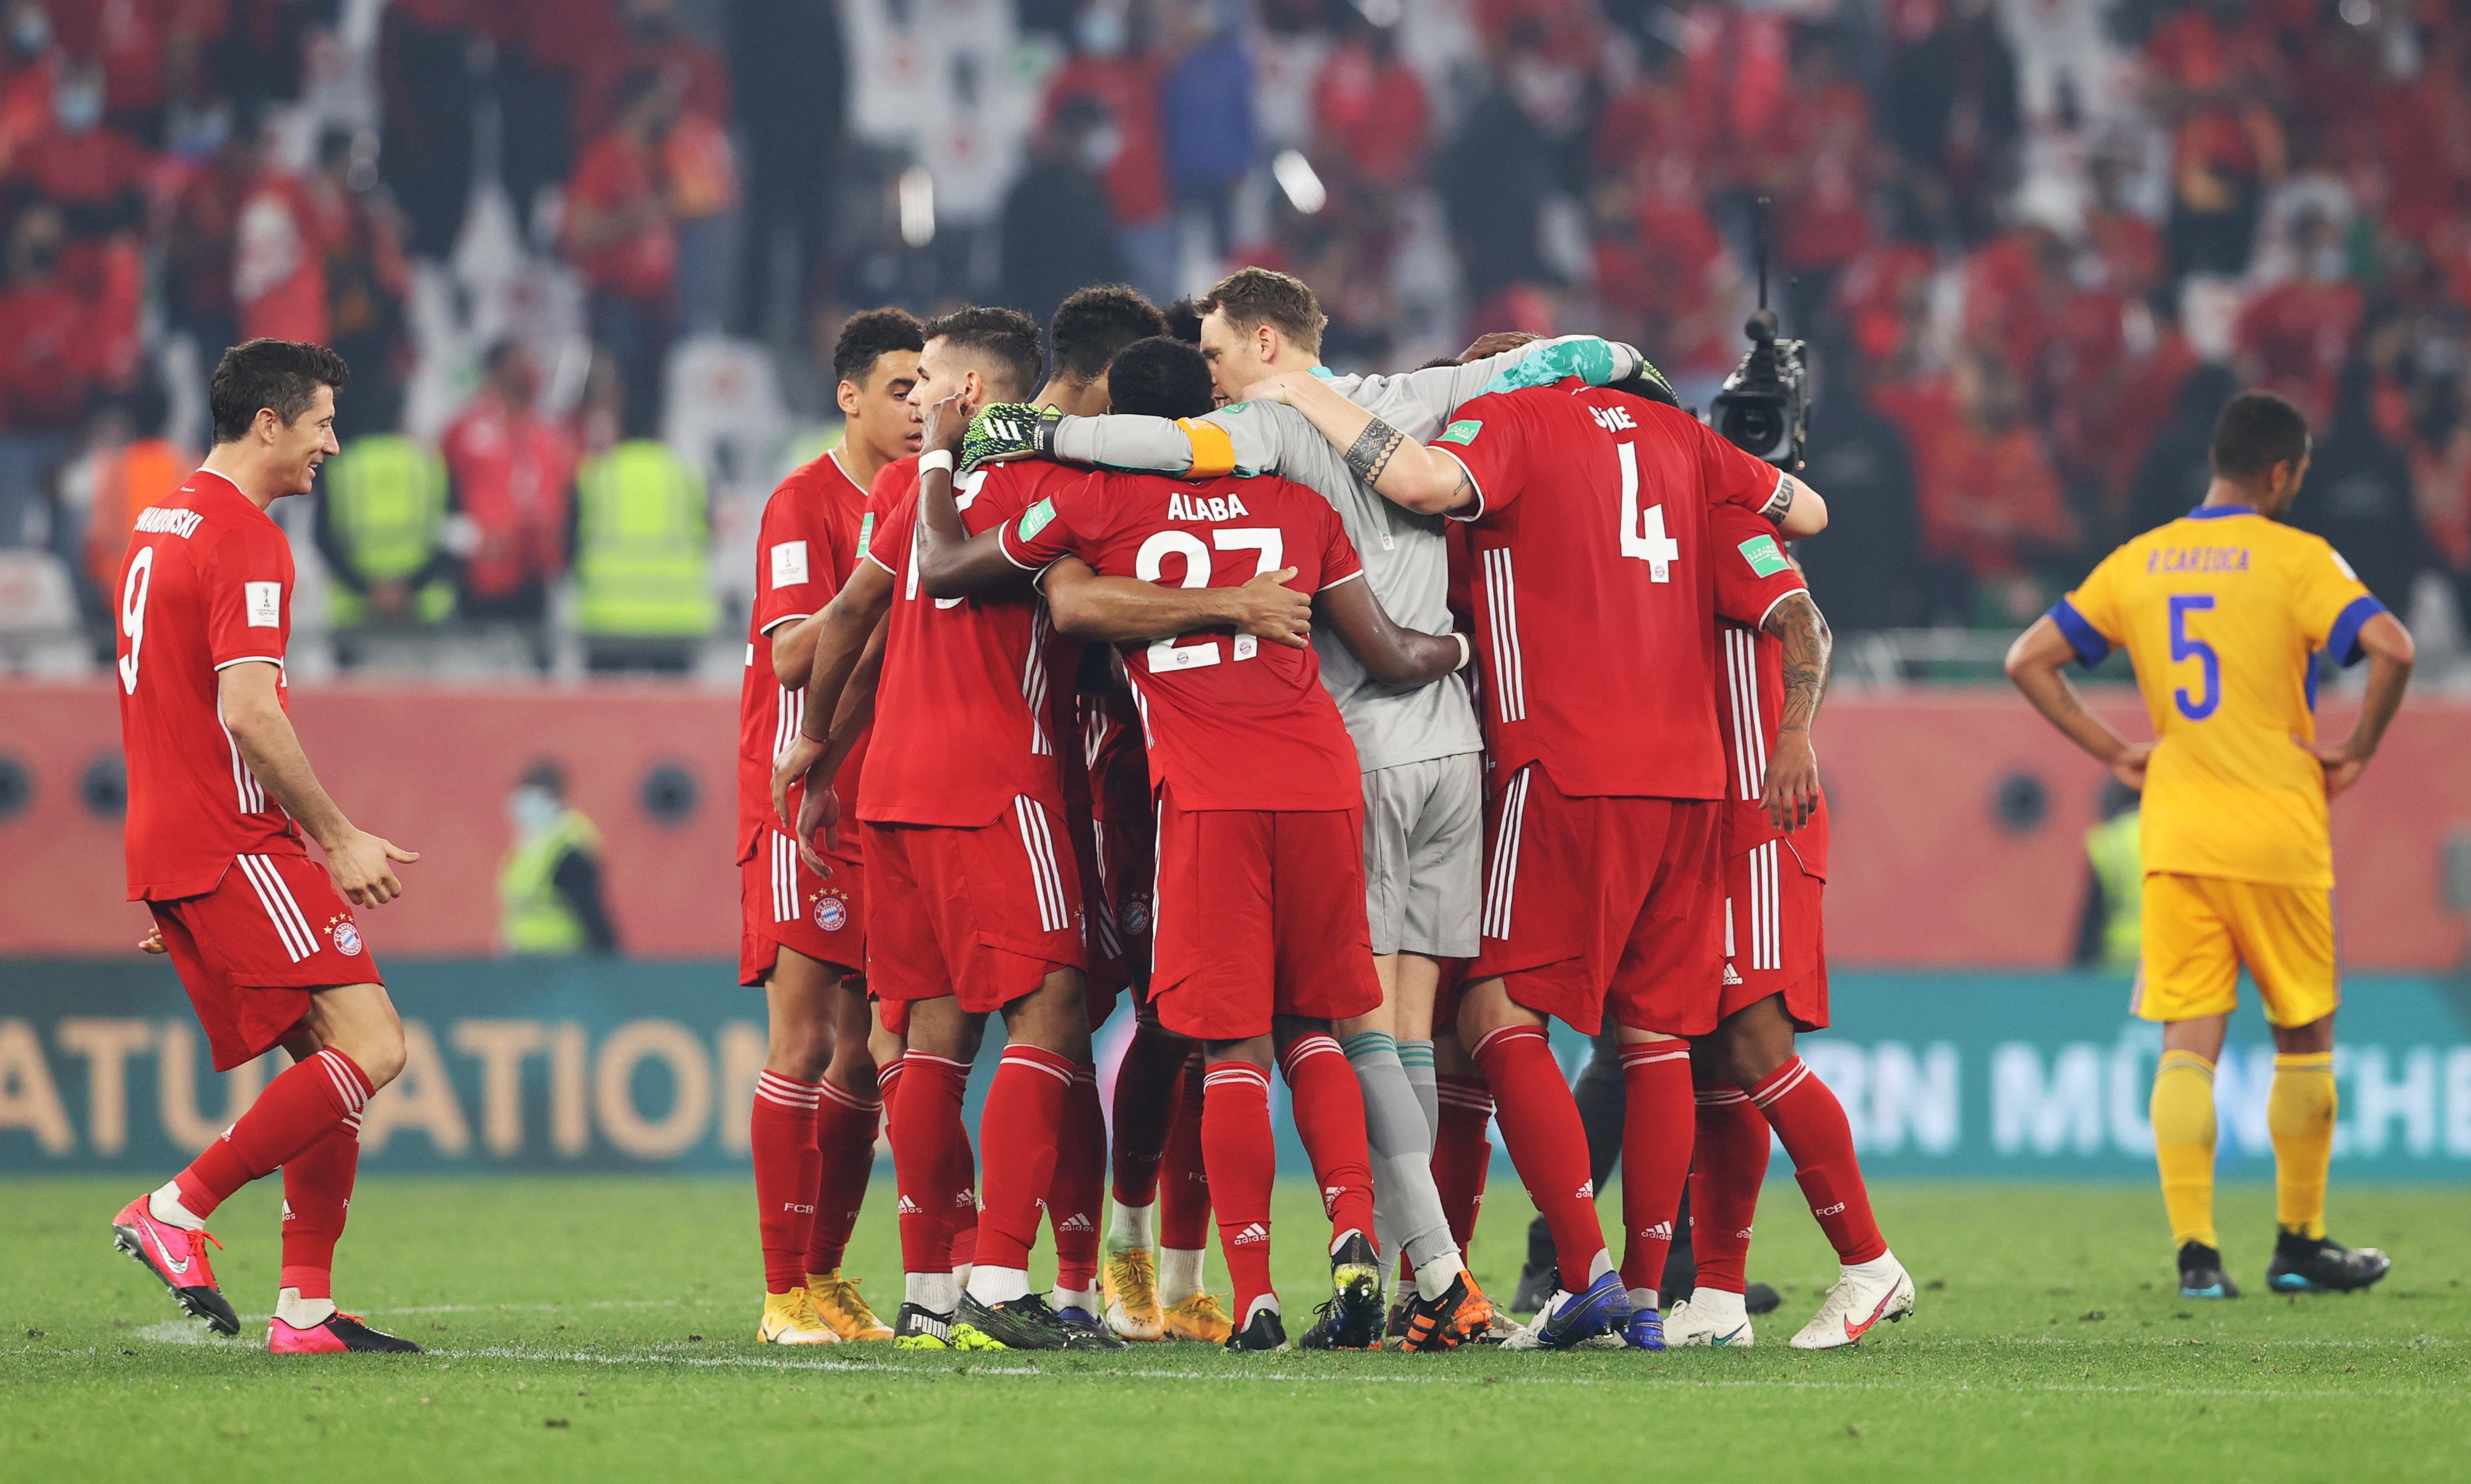 Bayern Múnich celebra después del juego.